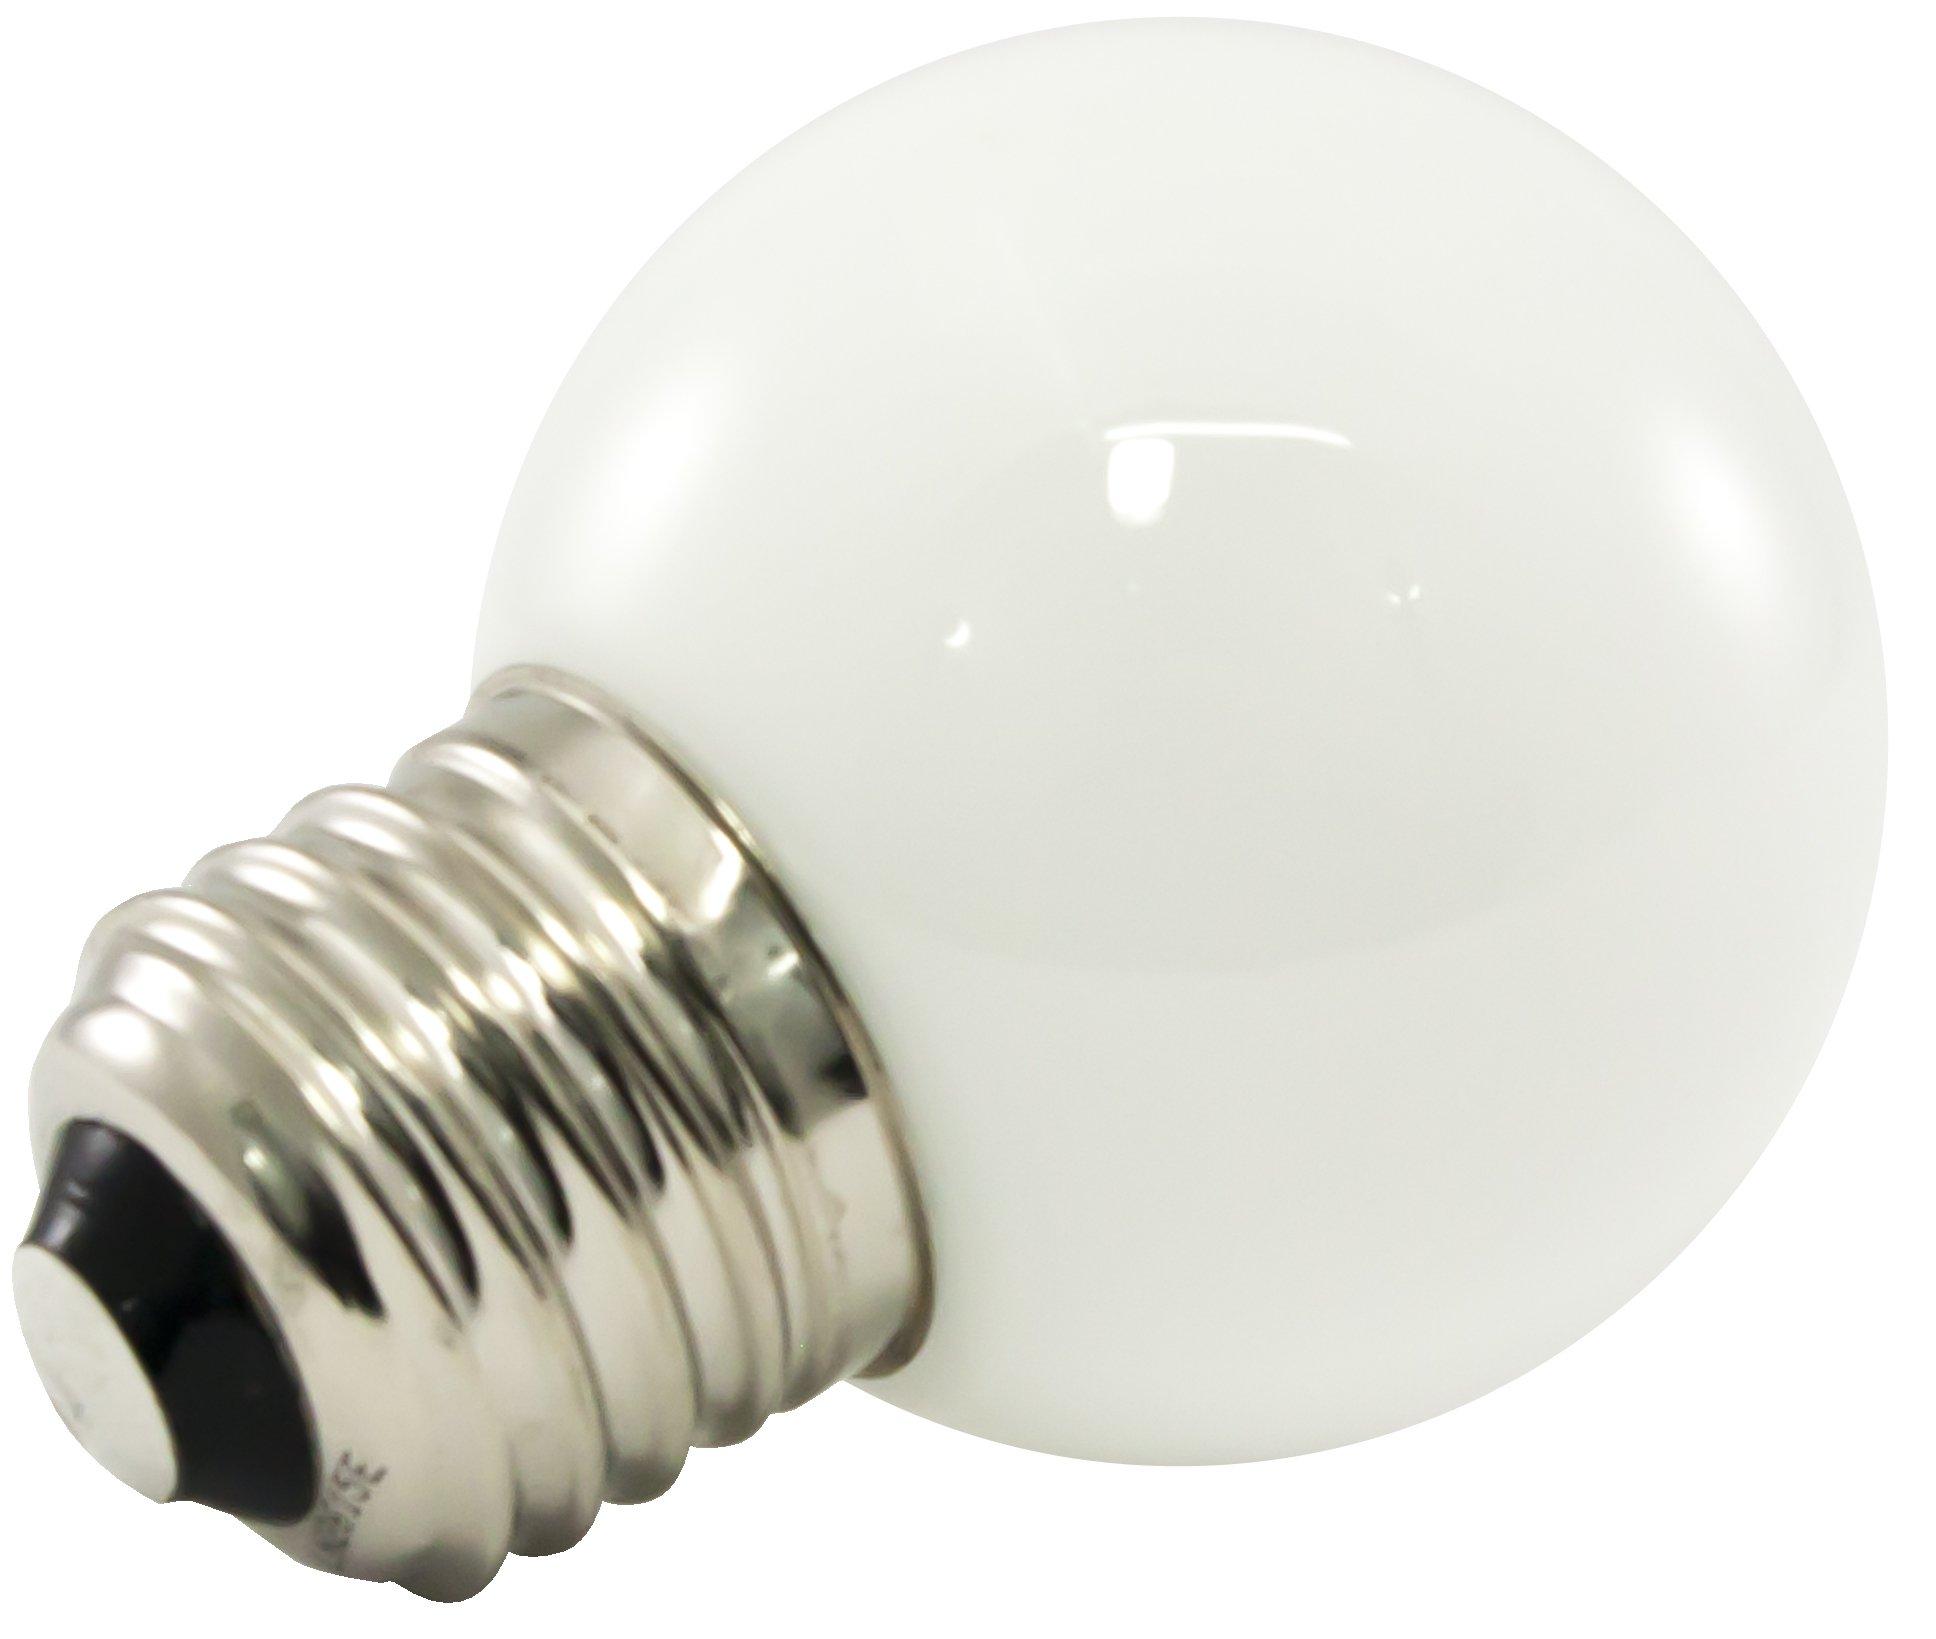 American Lighting Dimmable LED G50 Opaque Globe Light Bulbs, E26 Medium Base, 2700K Warm White, 25-Pack